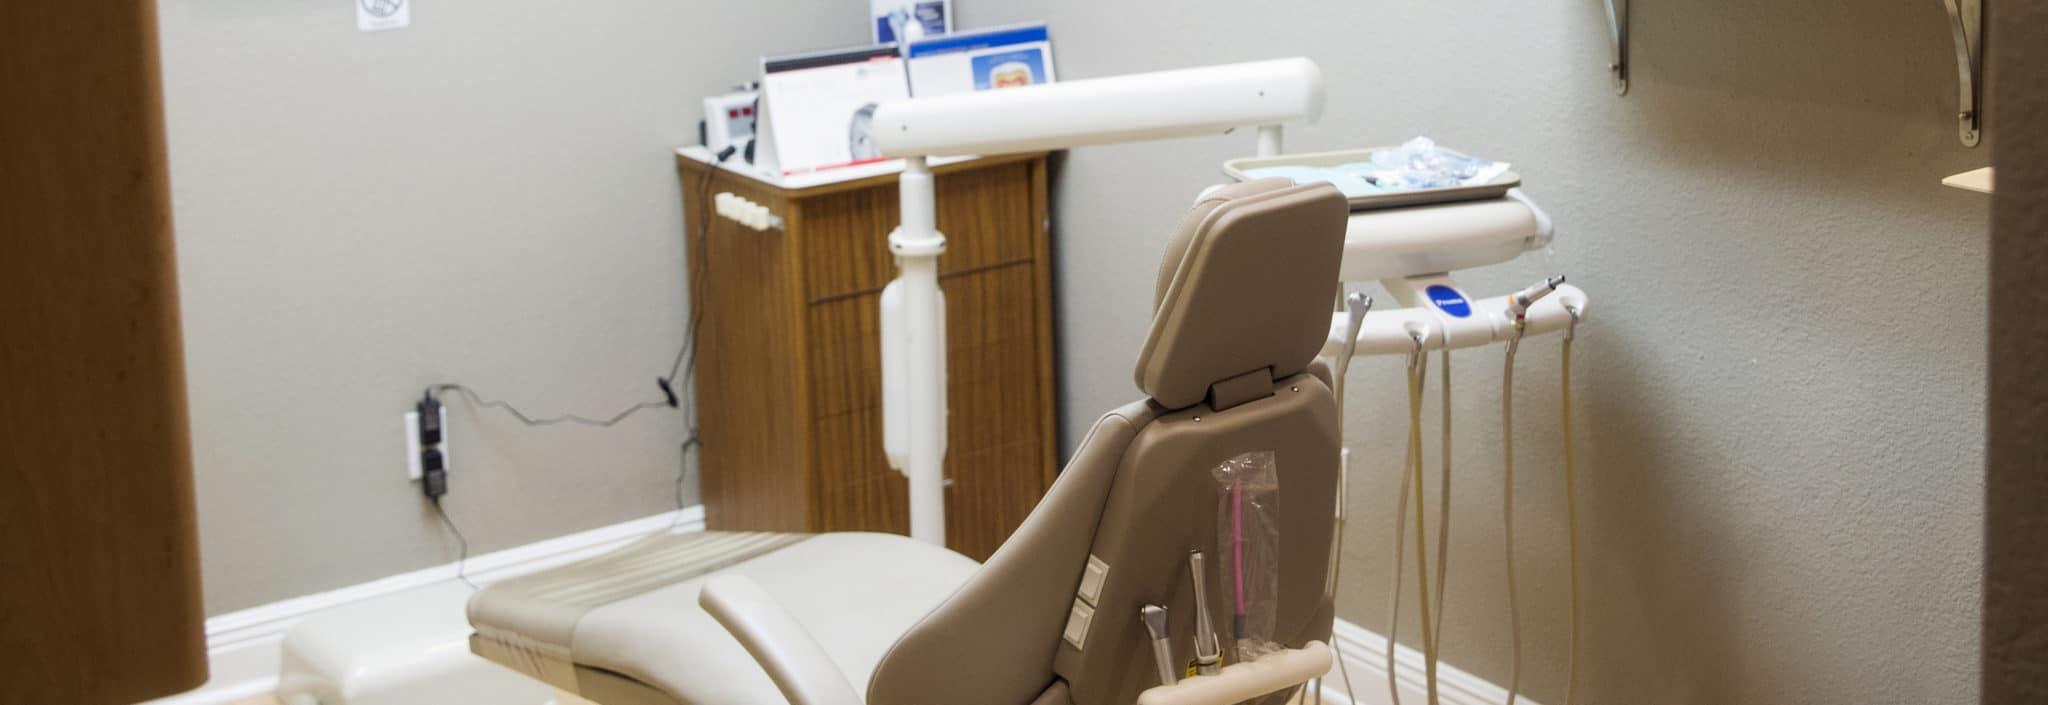 dental cleanings, dental implants new orleans